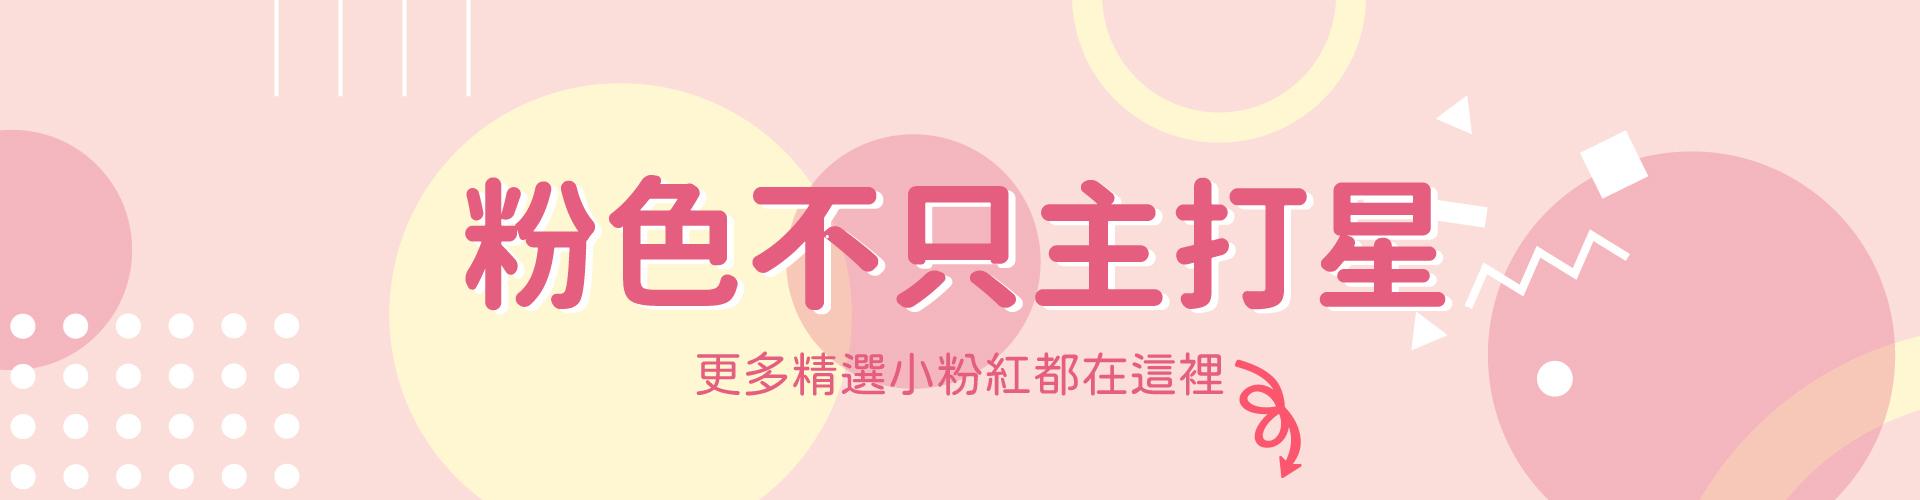 lourdes經典粉色按摩器,多樣選擇讓你的按摩生活充滿初戀的粉嫩滋味。